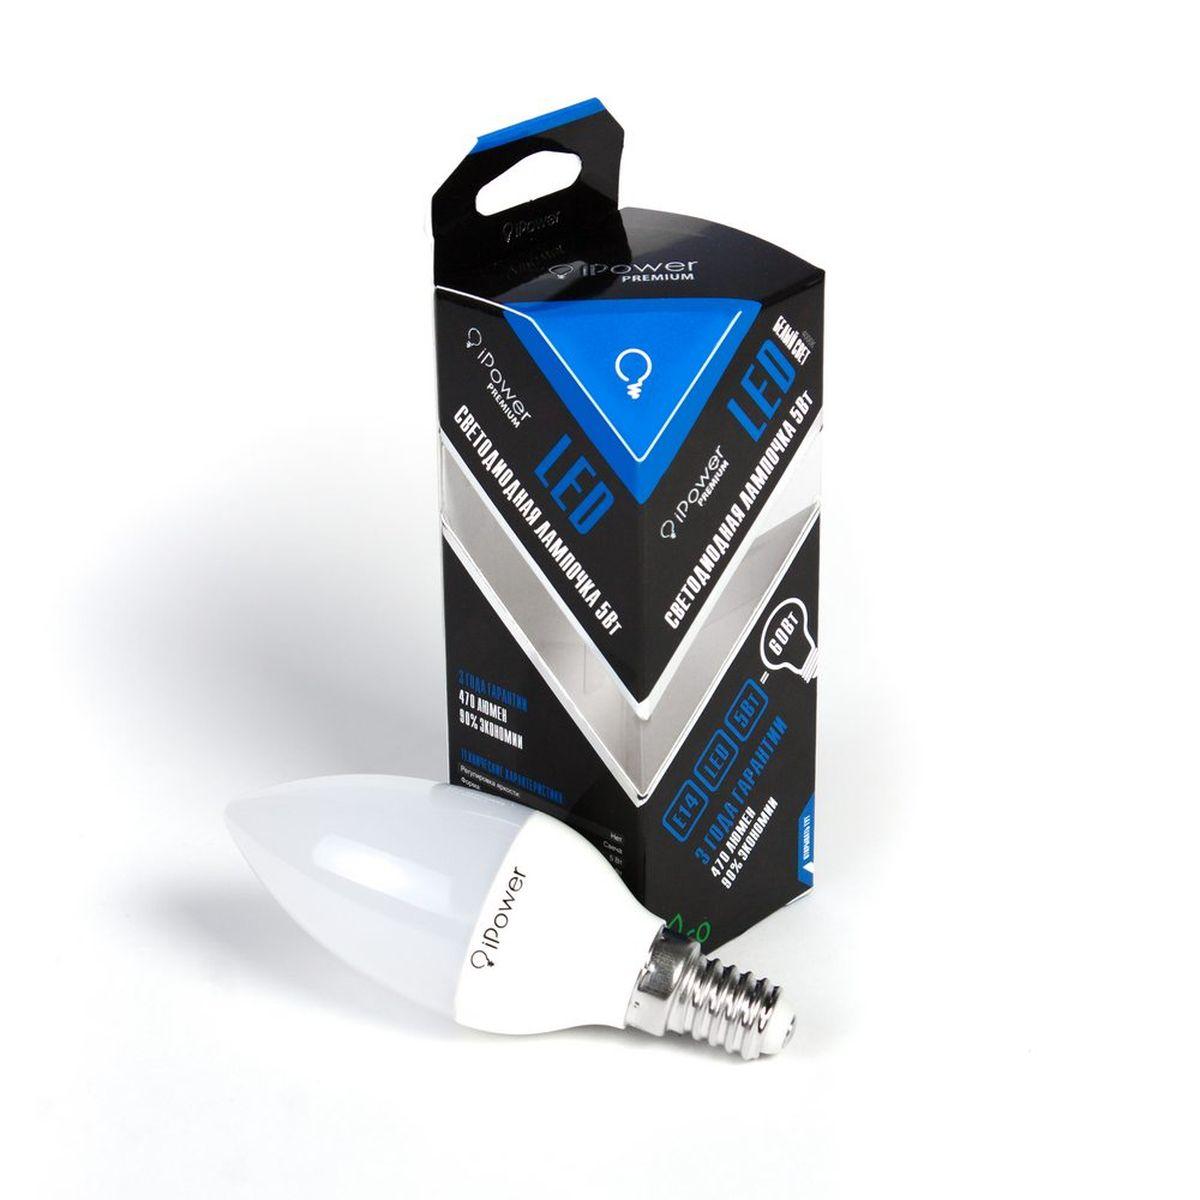 Лампа светодиодная iPower Premium, цоколь Е14, 5W, 4000КTL-100C-Q1Светодиодная лампа iPower Premium имеет очень низкое энергопотребление. В сравнении с лампами накаливания LED потребляет в 12 разменьше электричества, а в сравнении с энергосберегающими - в 2-4 раза меньше. При этом срок службы LED лампочки в 5 раз выше, чемэнергосберегающей, и в 50 раз выше, чем у лампы накаливания. Светодиодная лампа iPower Premium создает мягкий рассеивающий свет безмерцаний, что совершенно безопасно для глаз. Она специально разработана по требованиям российских и европейских законов и подходит ковсем осветительным устройствам, совместимым со стандартным цоколем E27. Использование светодиодов от мирового лидера Epistar - этозалог надежной и стабильной работы лампы. Нейтральный белый оттенок свечения идеально подойдет для освещения, как офисов,образовательных и медицинских учреждений, так и кухни, гостиной.Диапазон рабочих температур: от -50°C до +50°С.Материал: алюминий, поликарбонат.Потребляемая мощность: 5 Вт.Рабочее напряжение: 220В.Световая температура: 4000К (белый свет).Срок службы: 50000 часов.Форма: свеча.Цоколь: миньон (E14).Эквивалент мощности лампы накаливания: 60 Вт.Яркость свечения: 470 Лм.